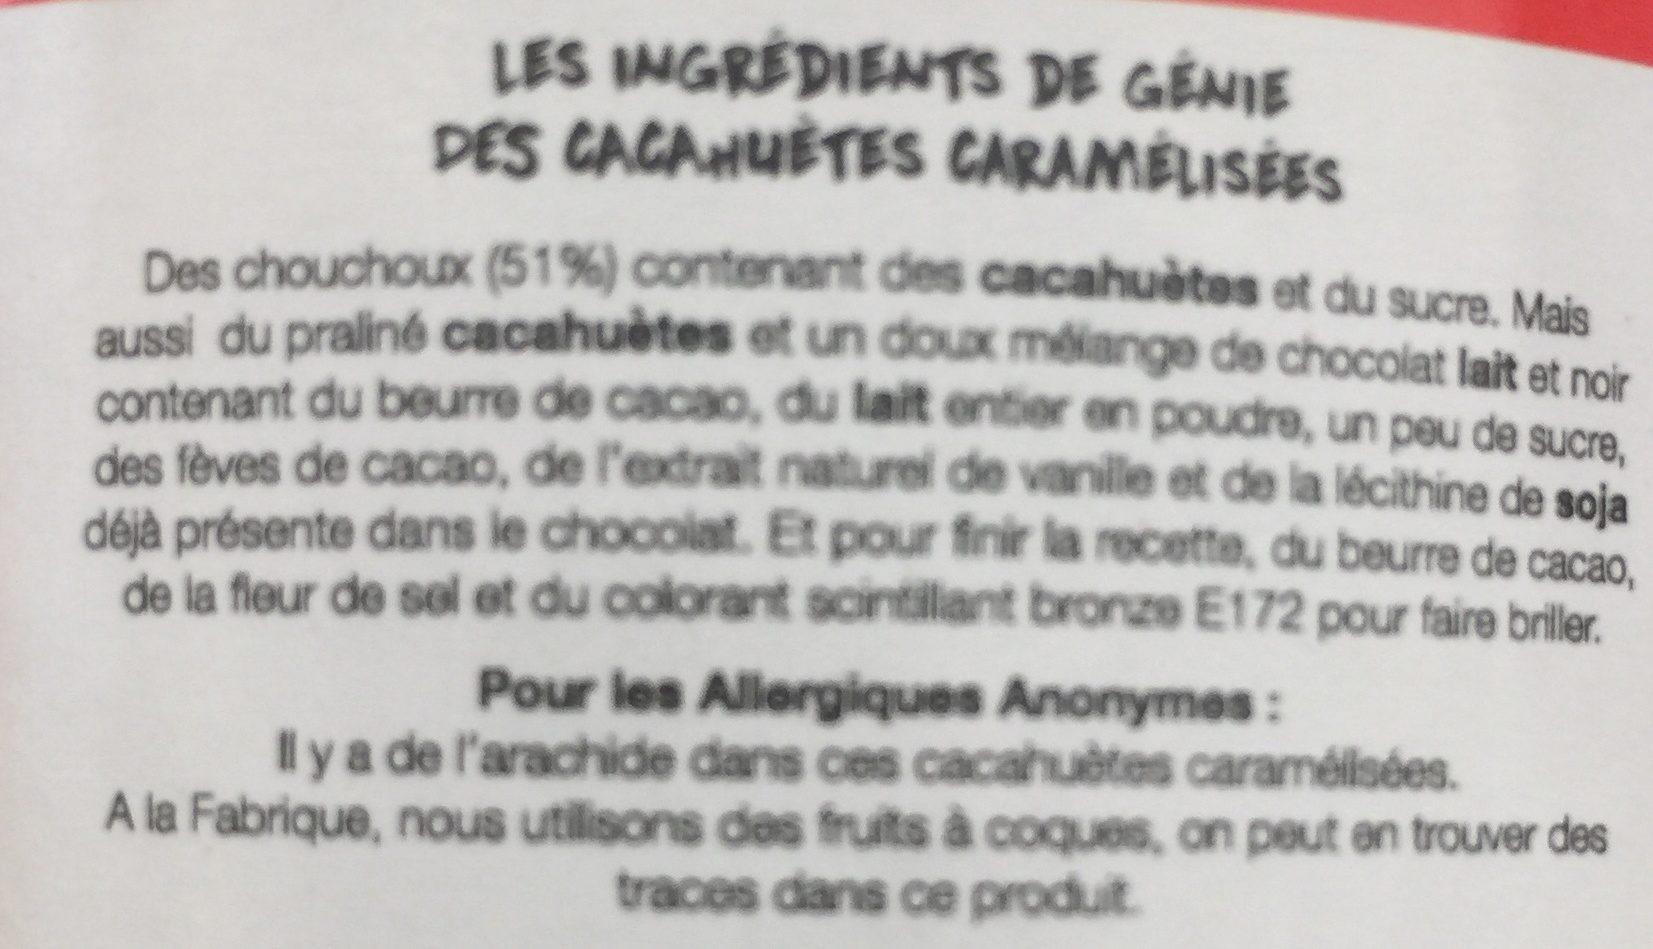 Cacahuetes caramelisees - Ingrediënten - fr